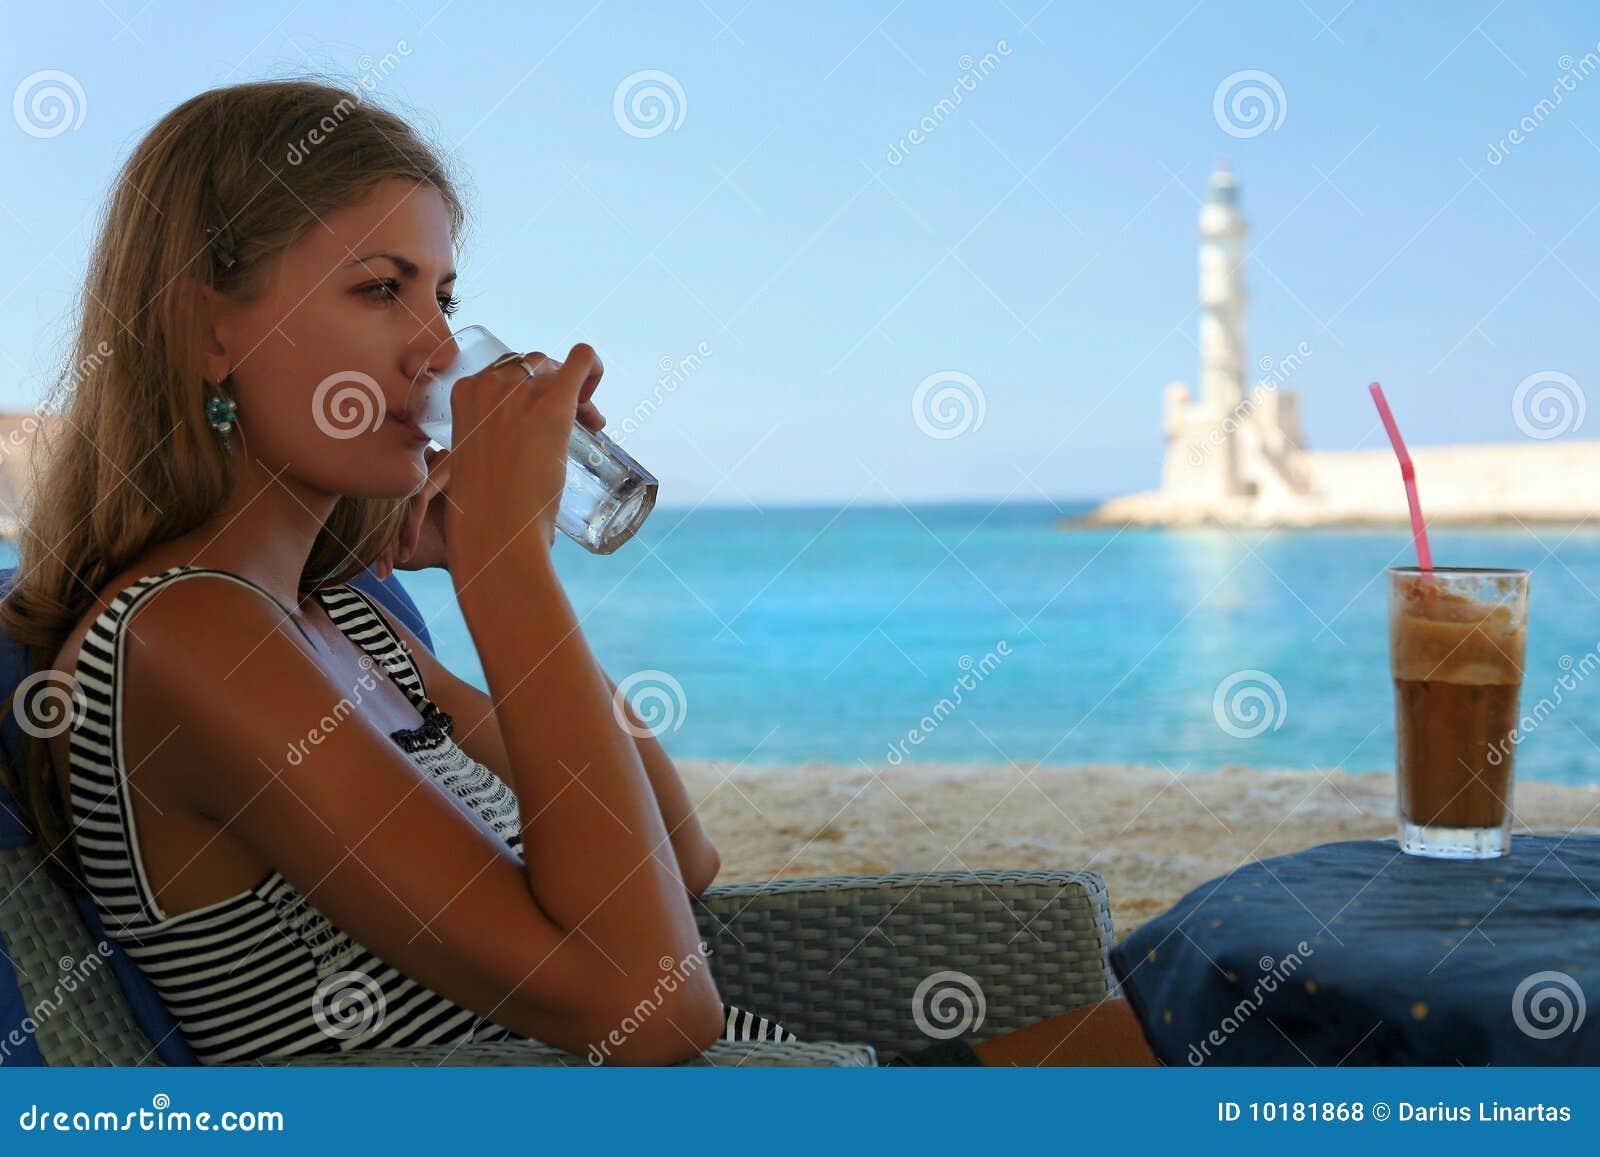 Vacaciones en Crete